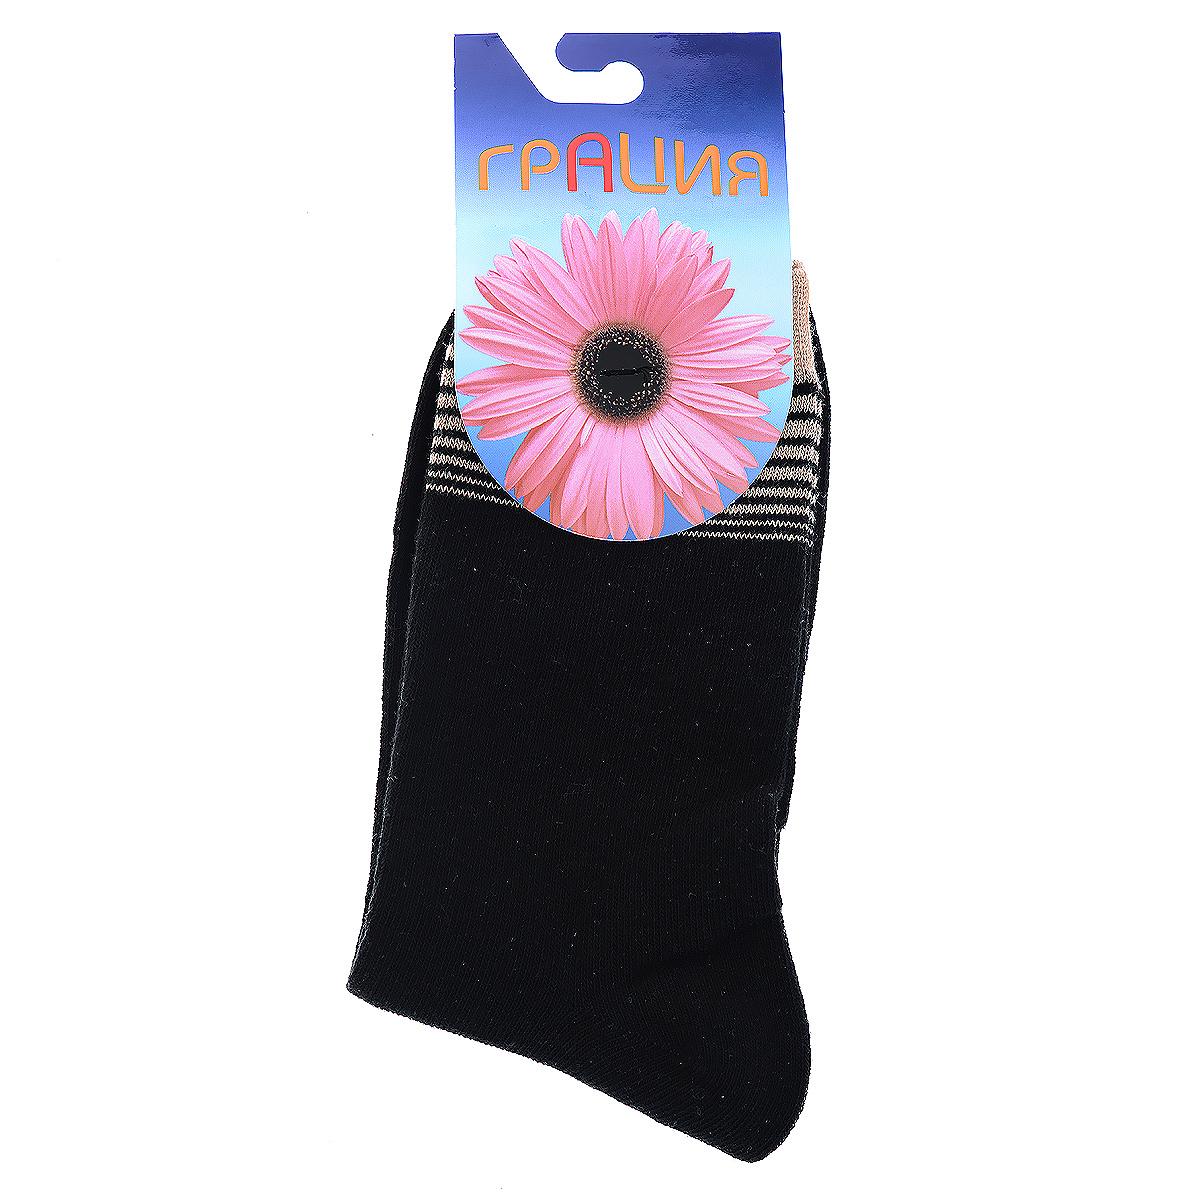 Н 002-4-10Женские носки Грация изготовлены из экологически чистых материалов в соответствии с мировыми стандартами качества. Комфортная широкая резинка не сдавливает ногу.